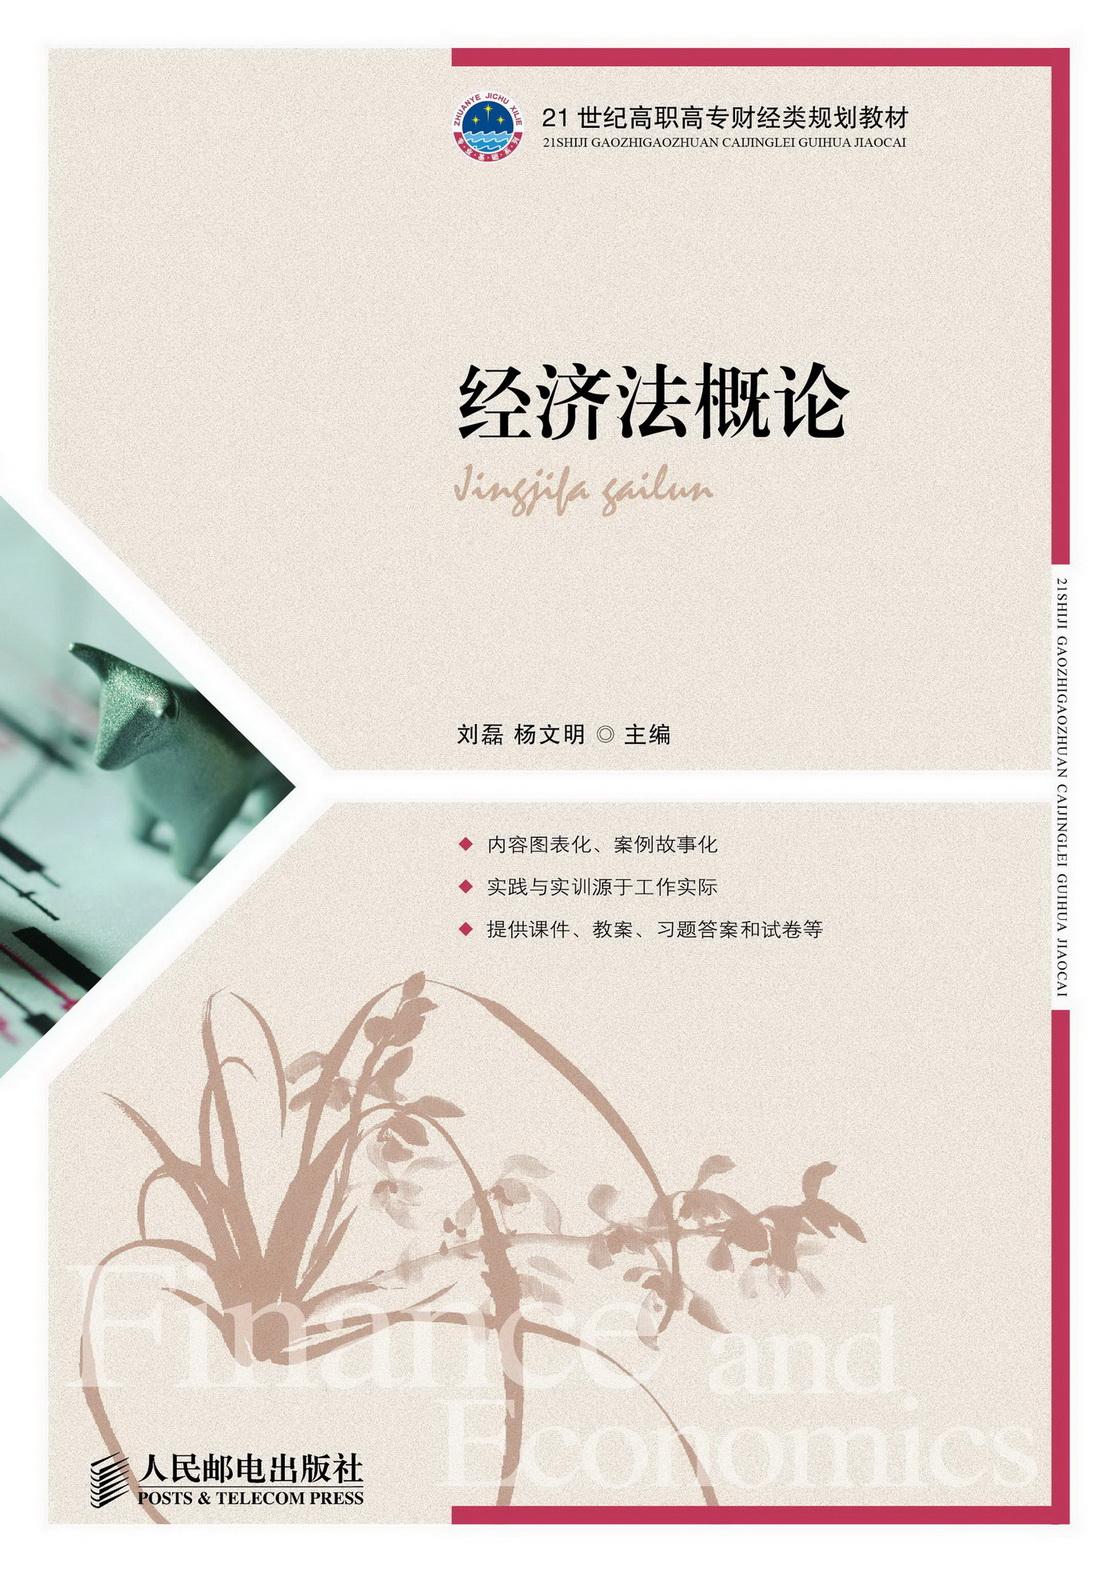 经济法实务教材ppt 407页 高职高专电子课件2013年5月刘